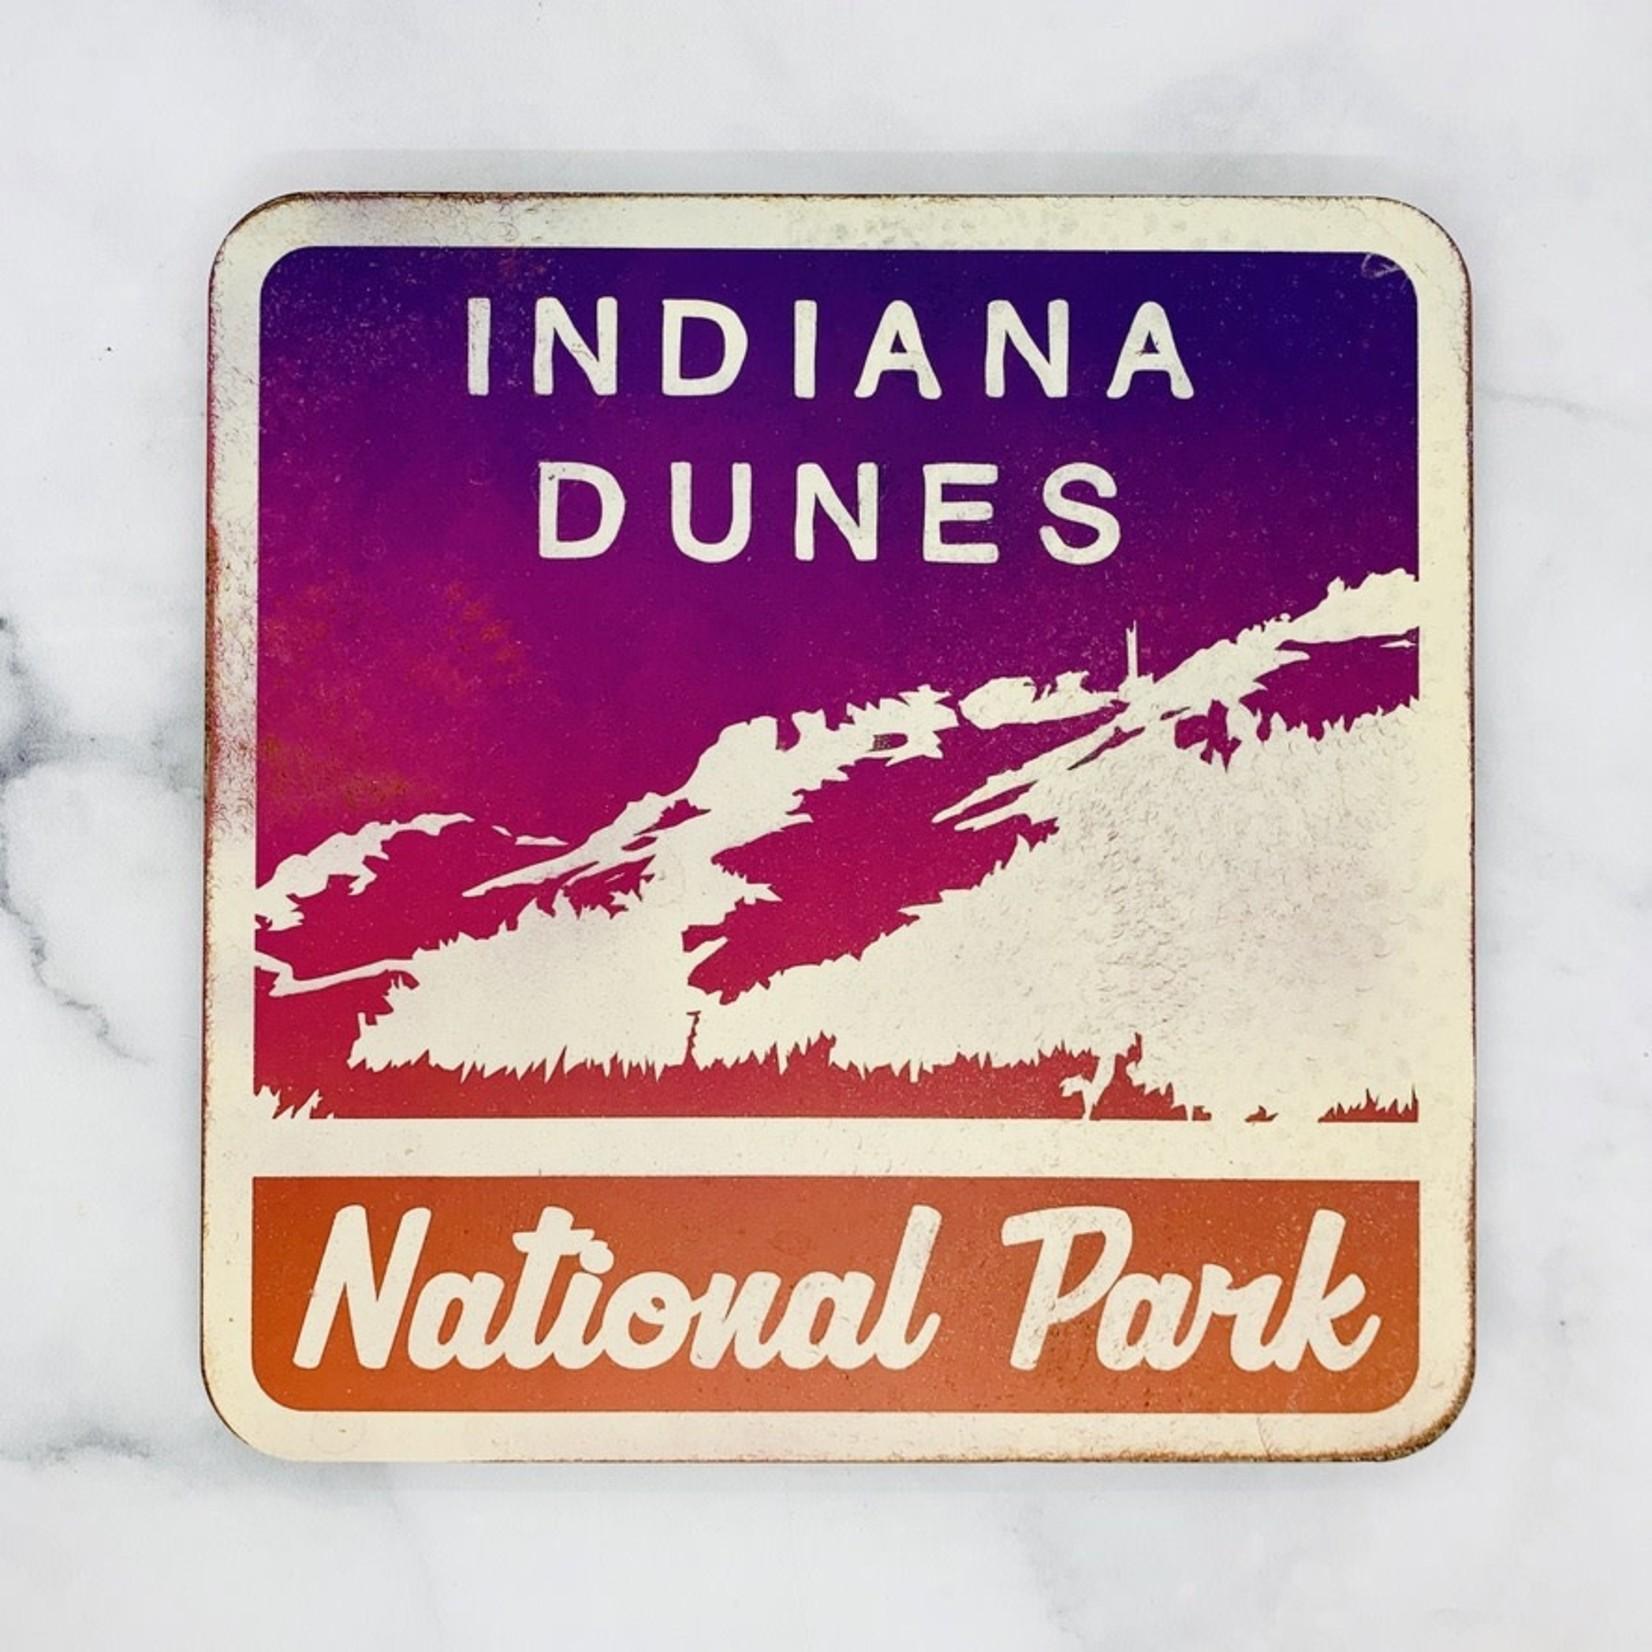 Indiana Dunes National Park Metal Sign, 10x10